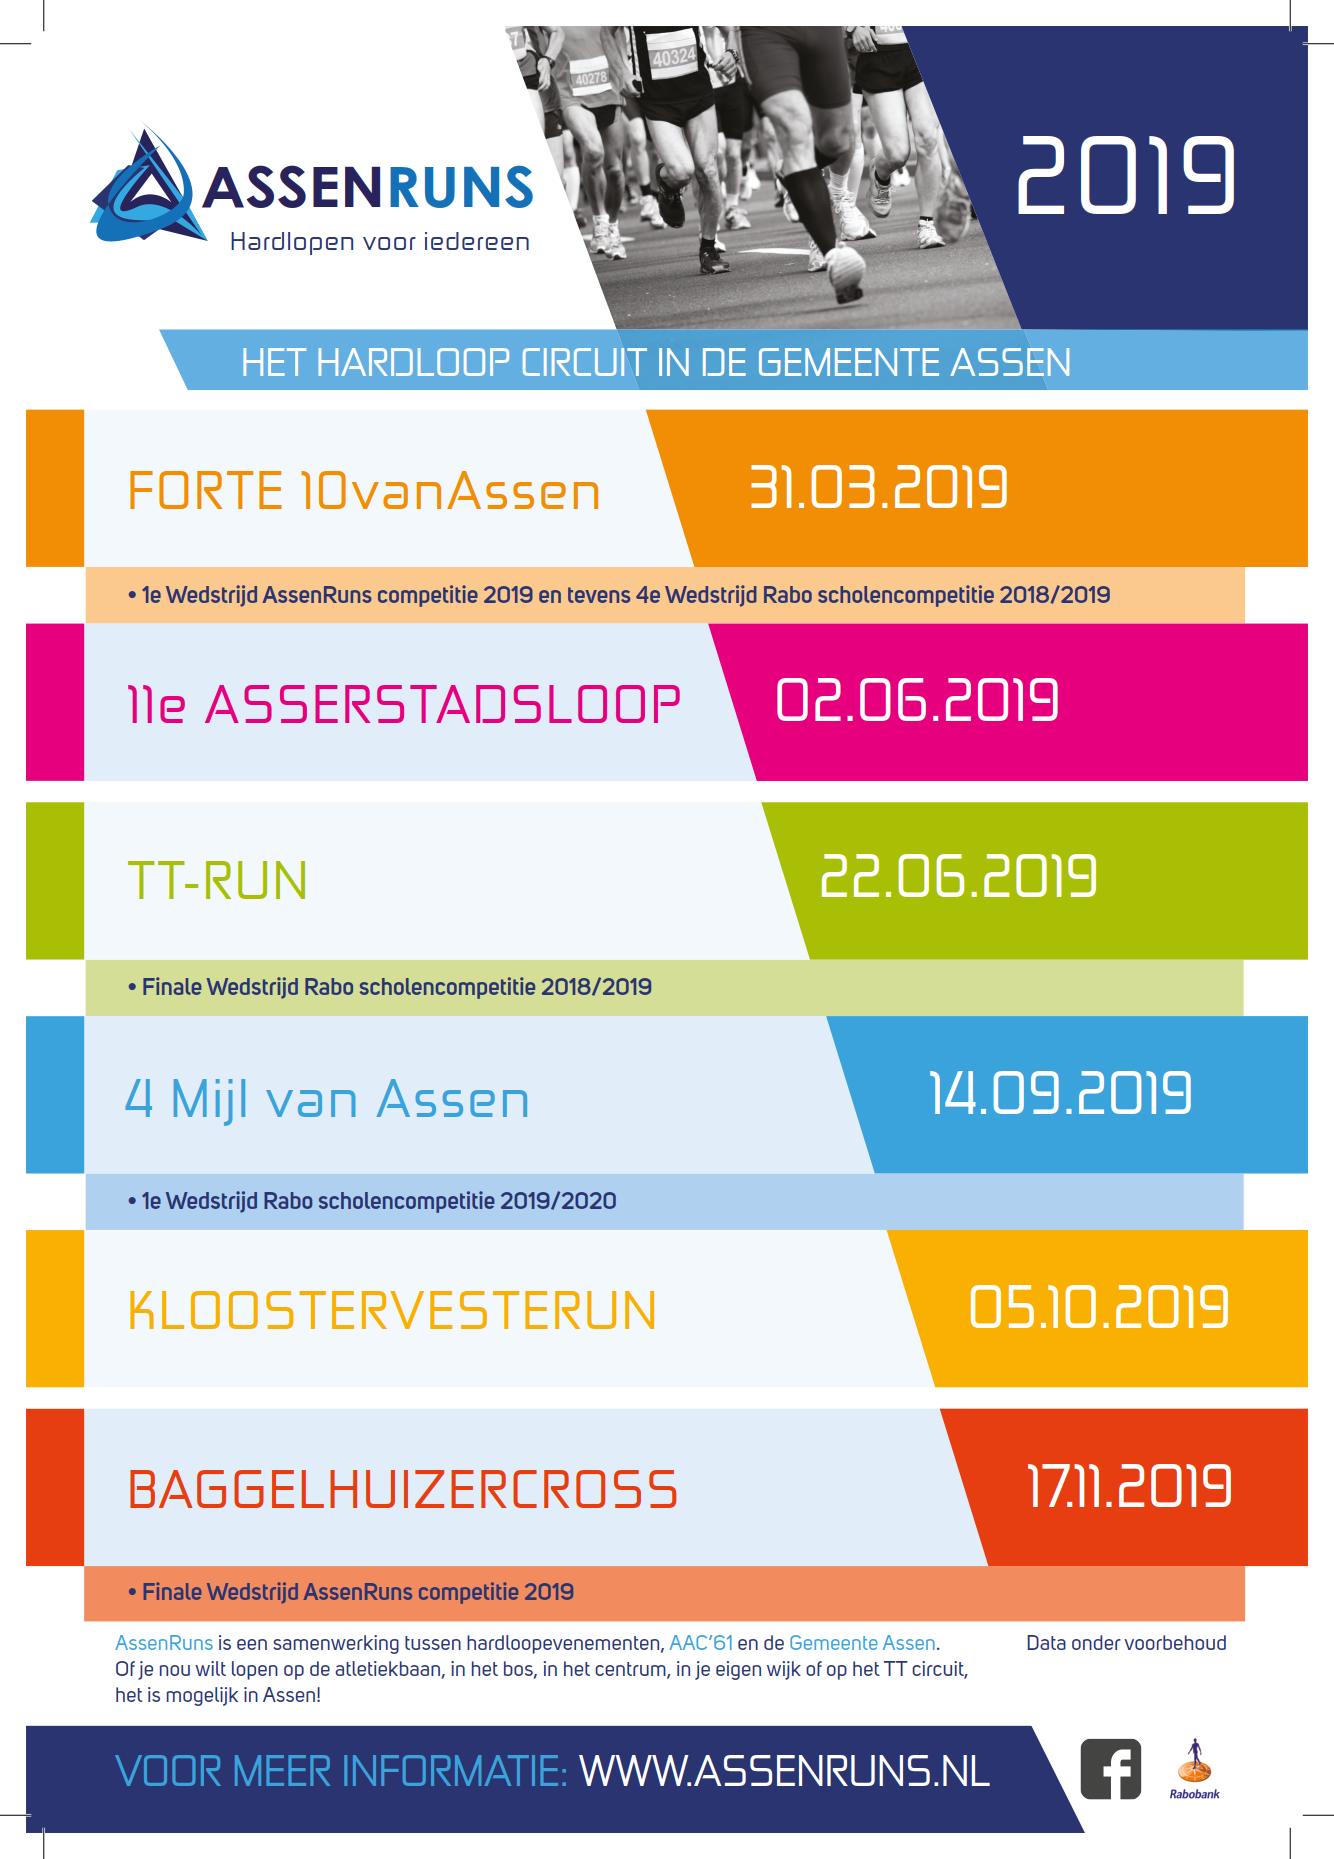 Agenda AssenRuns 2019 is bekend